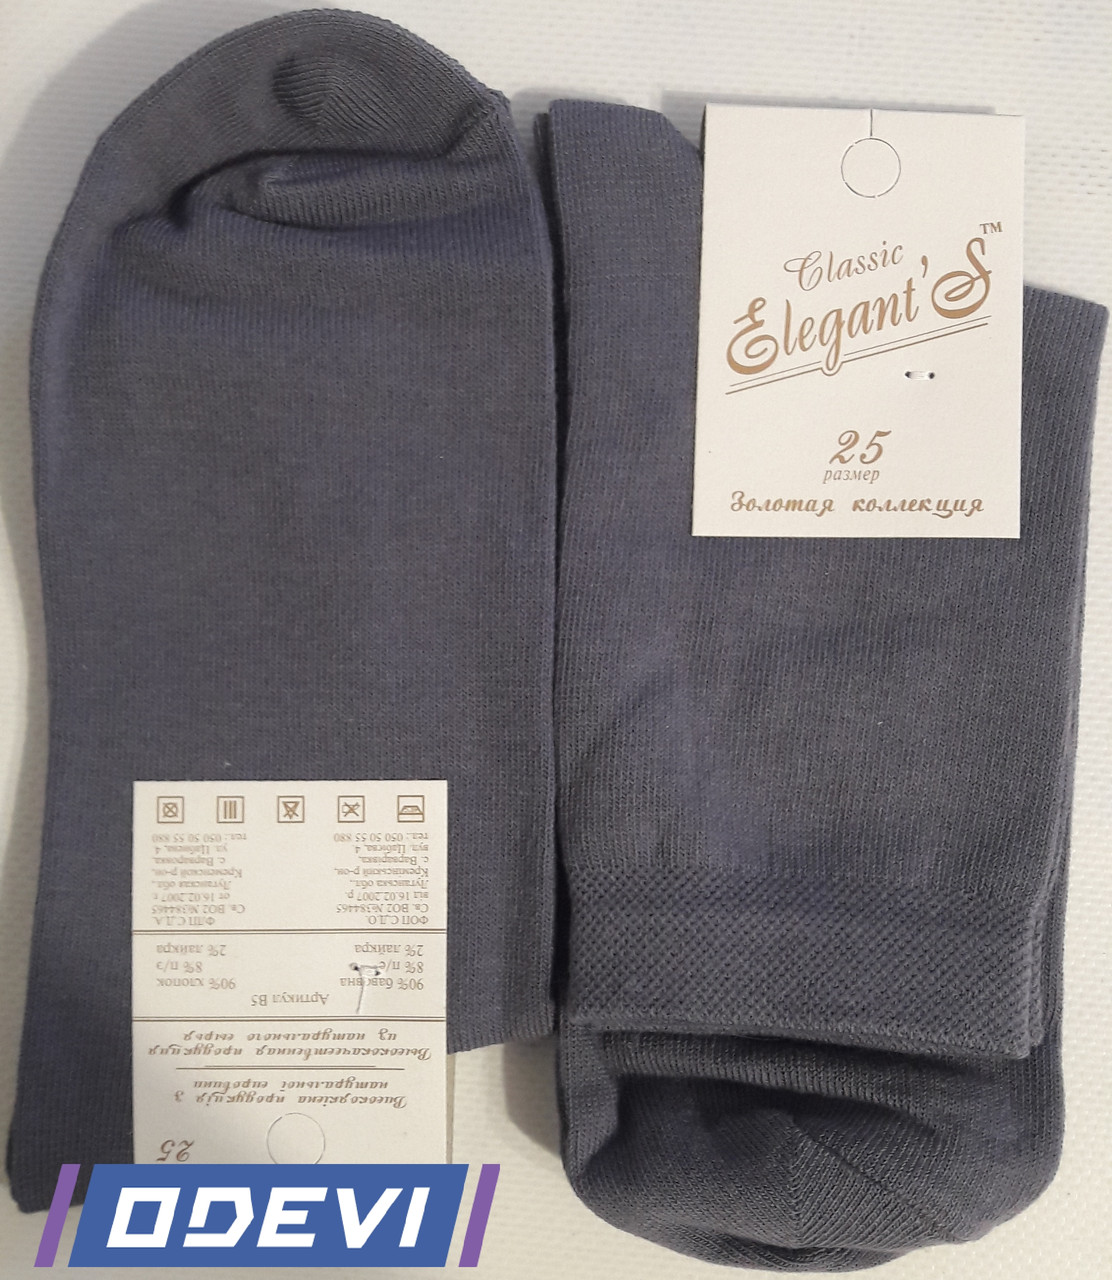 Мужские демисезонные носки Elegant Classic серый цвет 25 размер